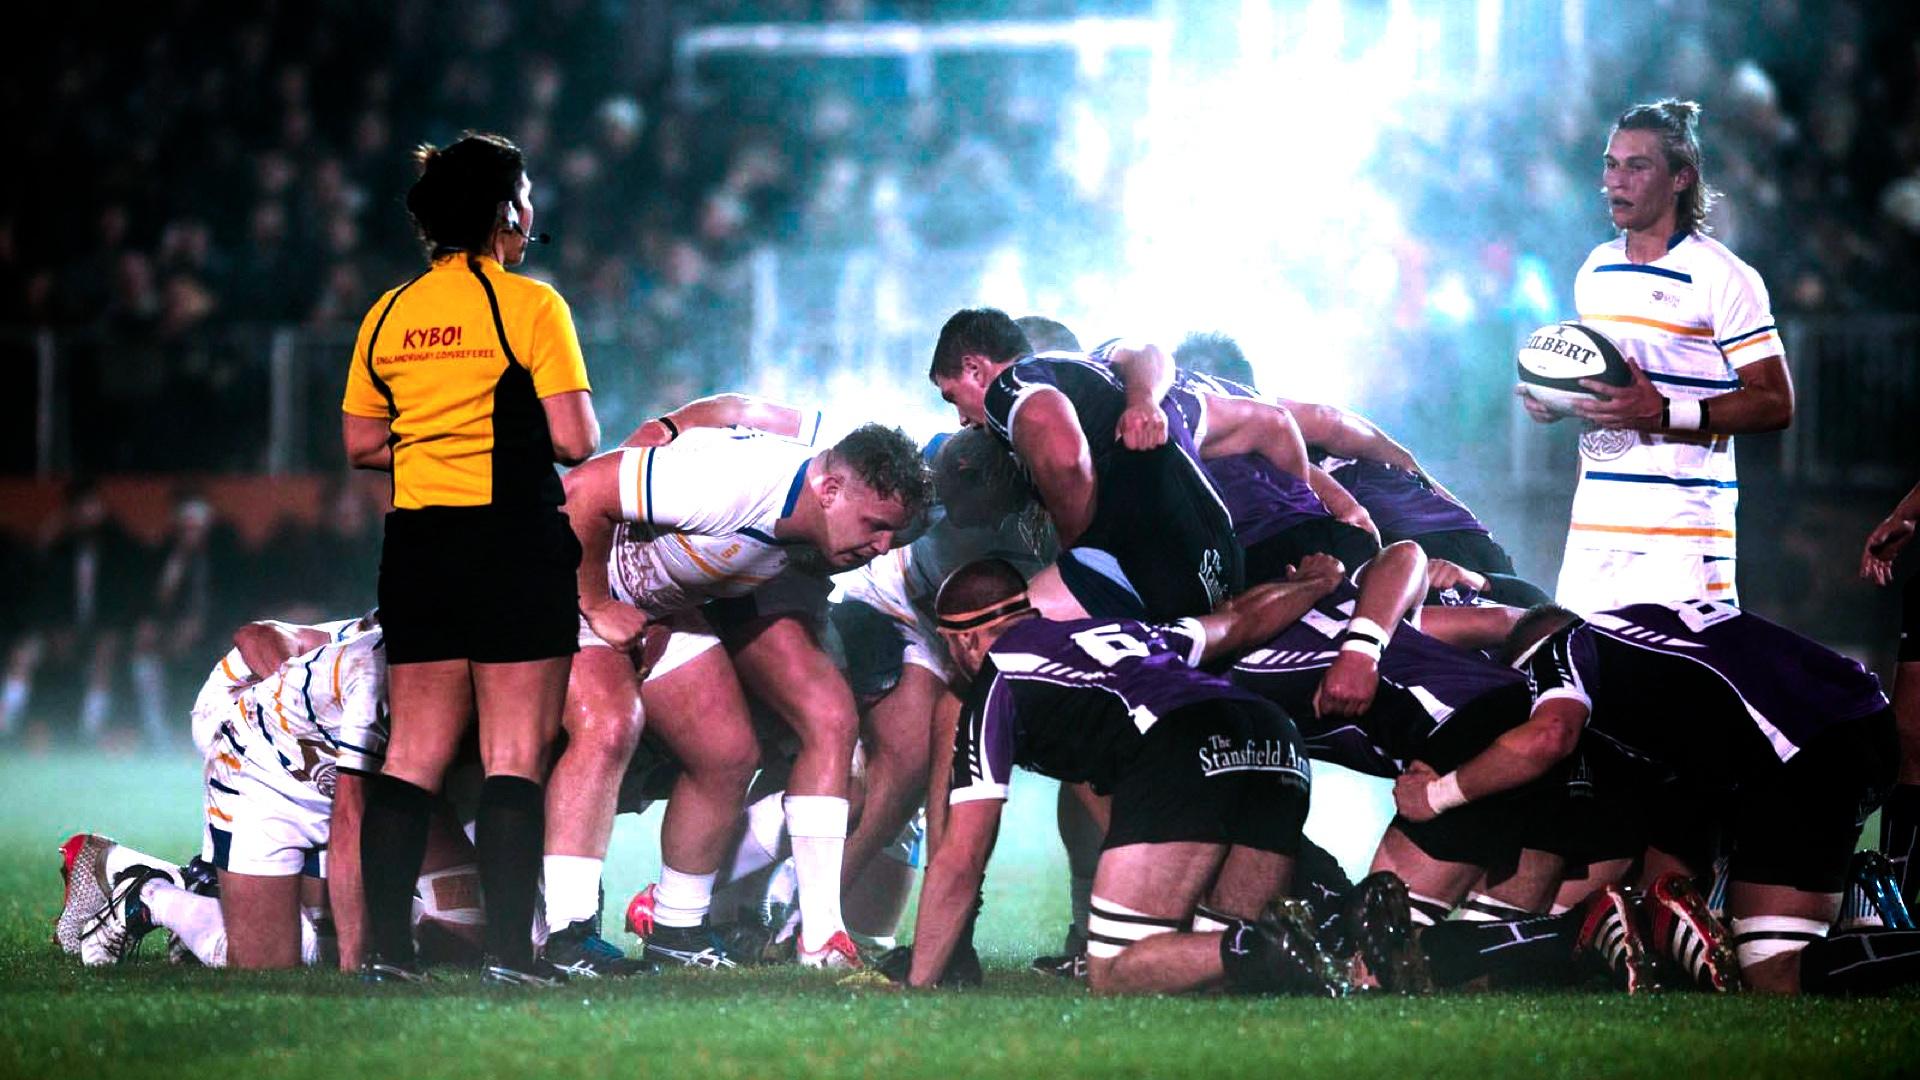 A Team Bath rugby scrum